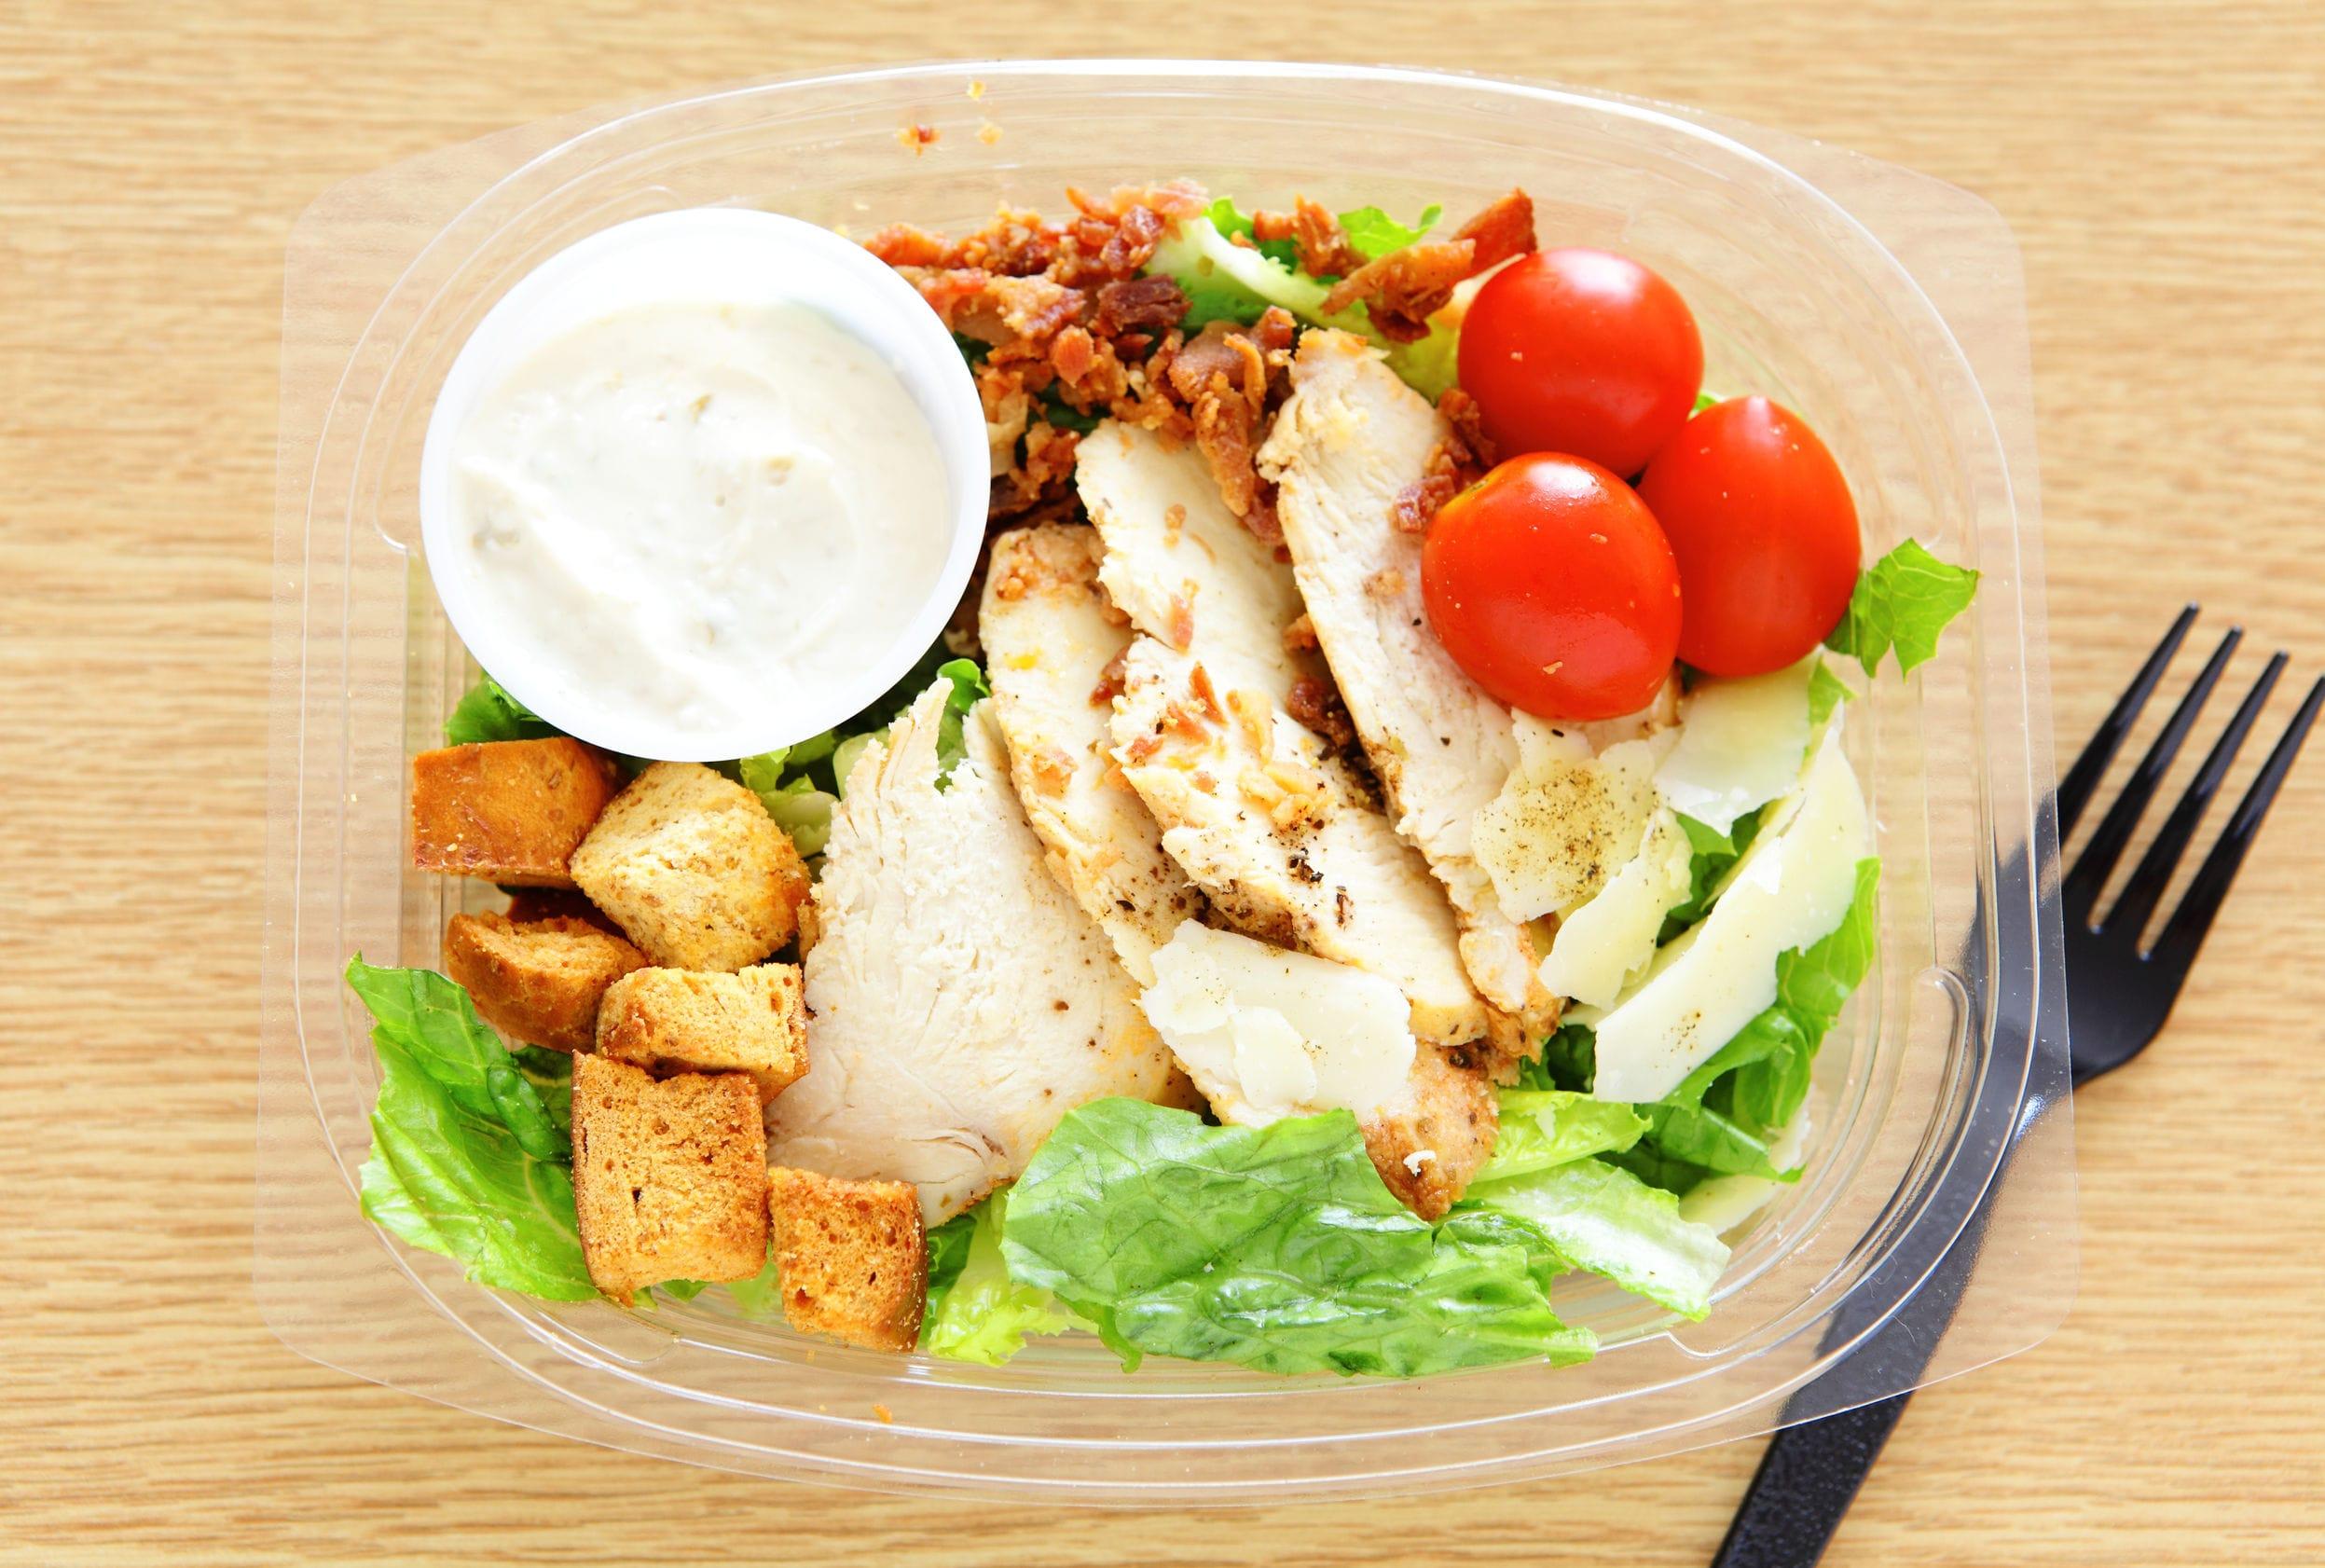 コンビニダイエット低カロリー高たんぱく質食材